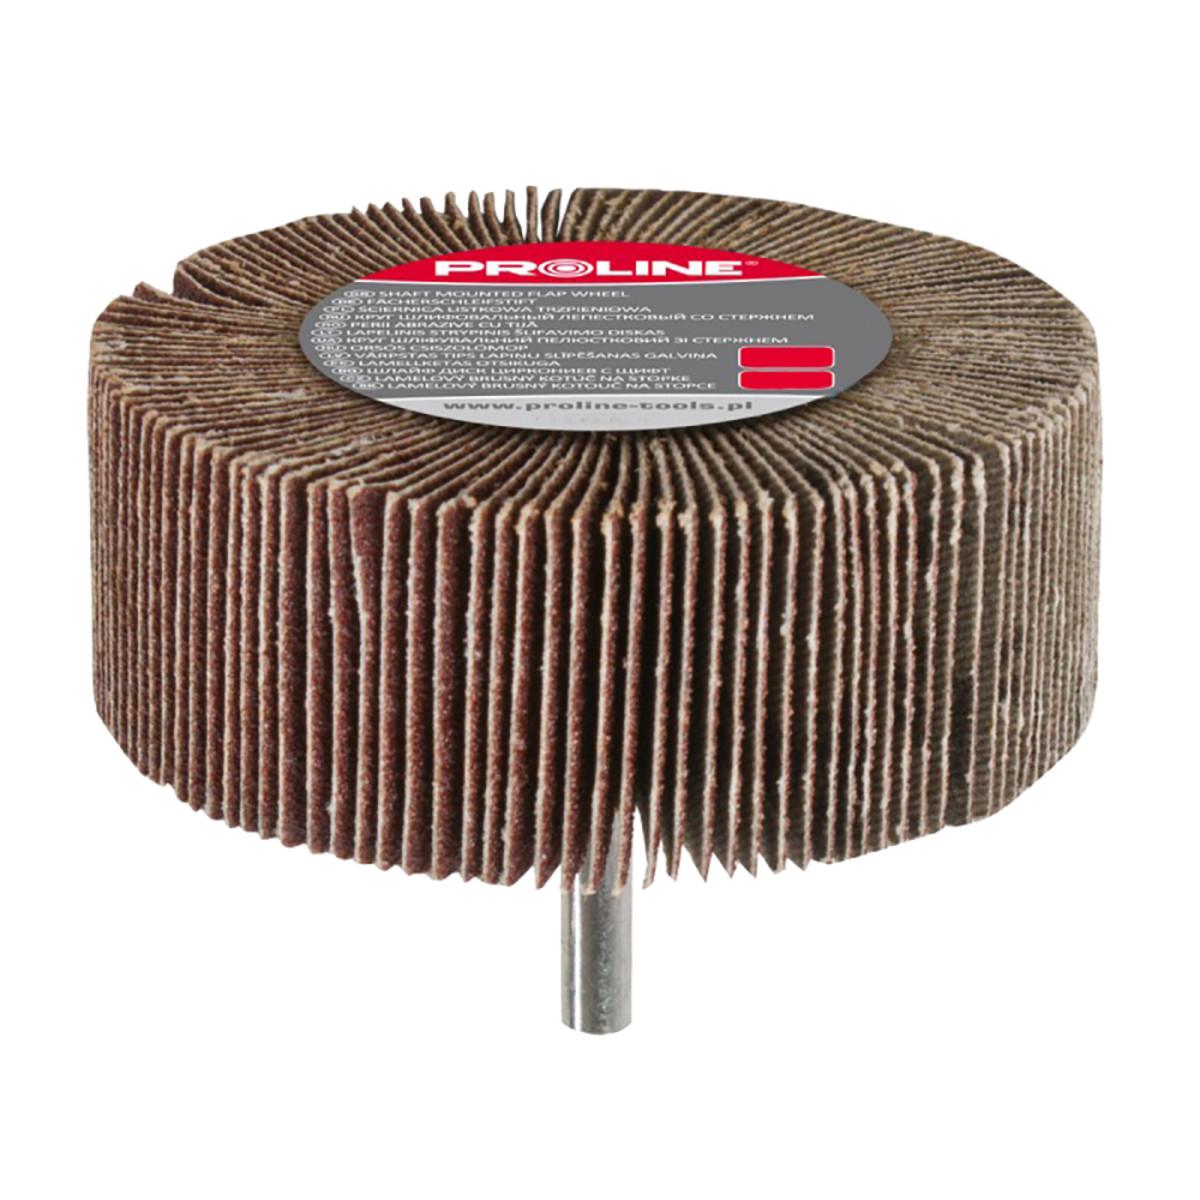 Шлифовальная головка Proline 44843 80х30 мм лепестковая (80 ед)